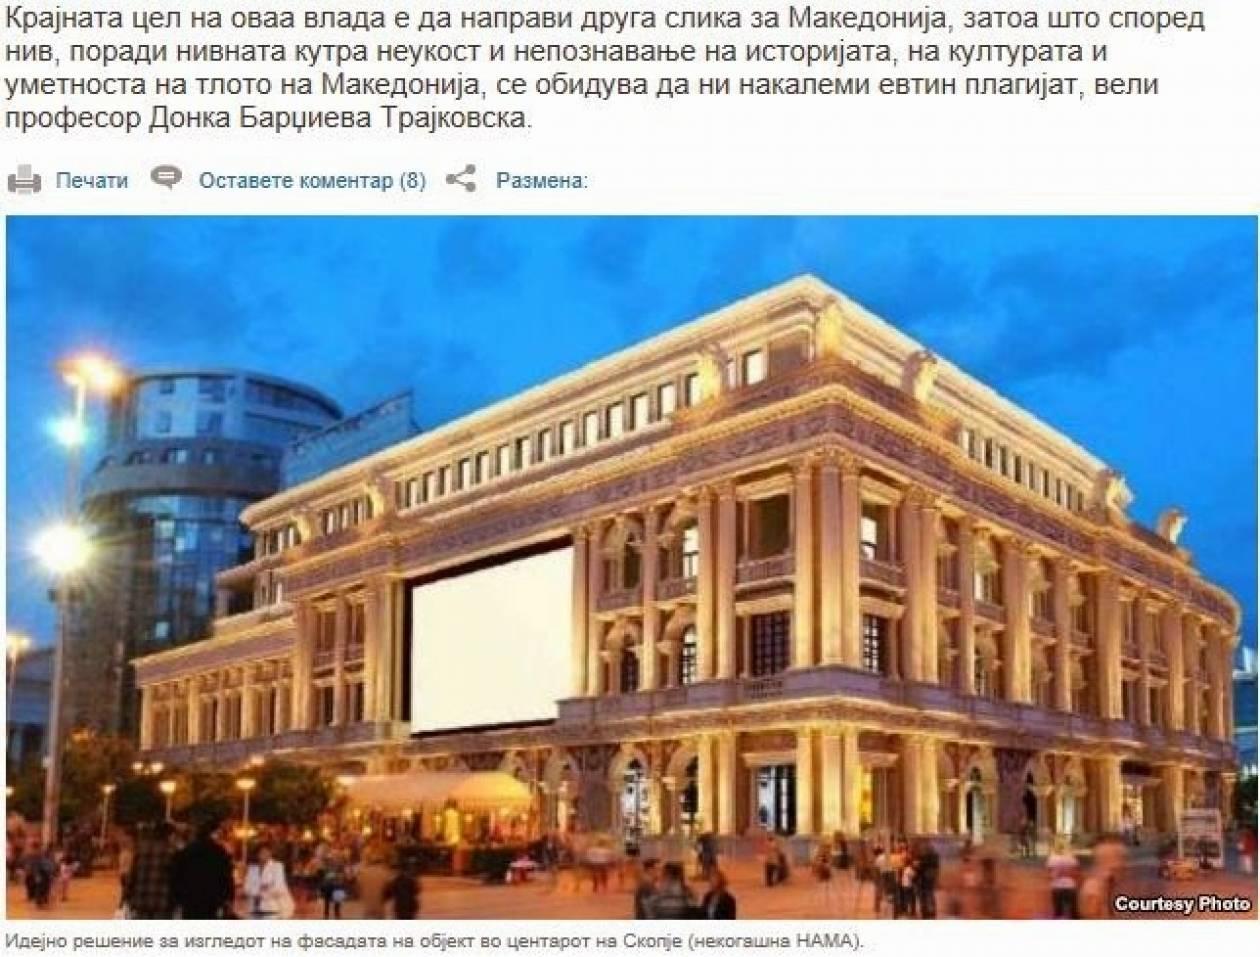 Το μπαρόκ στυλ των Σκοπίων: Μια ψεύτικη ιστορία της χώρας